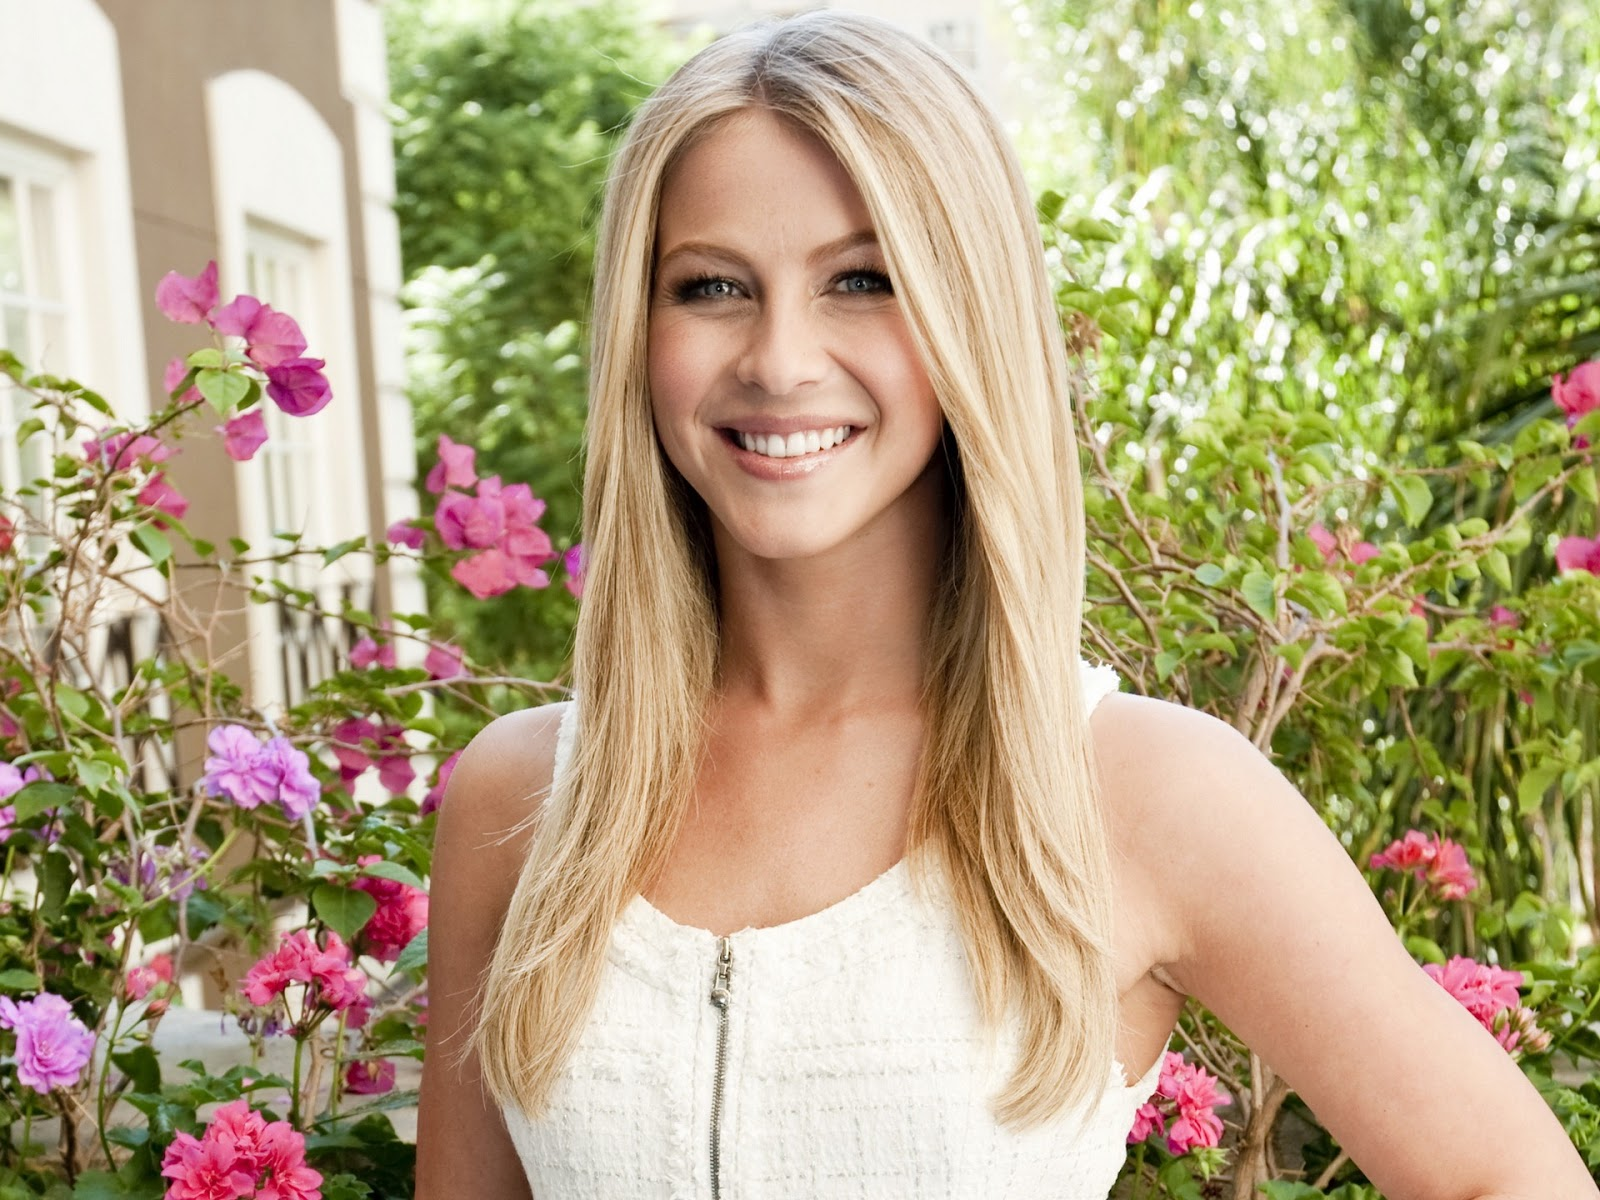 Shakira Photoshoot 2012